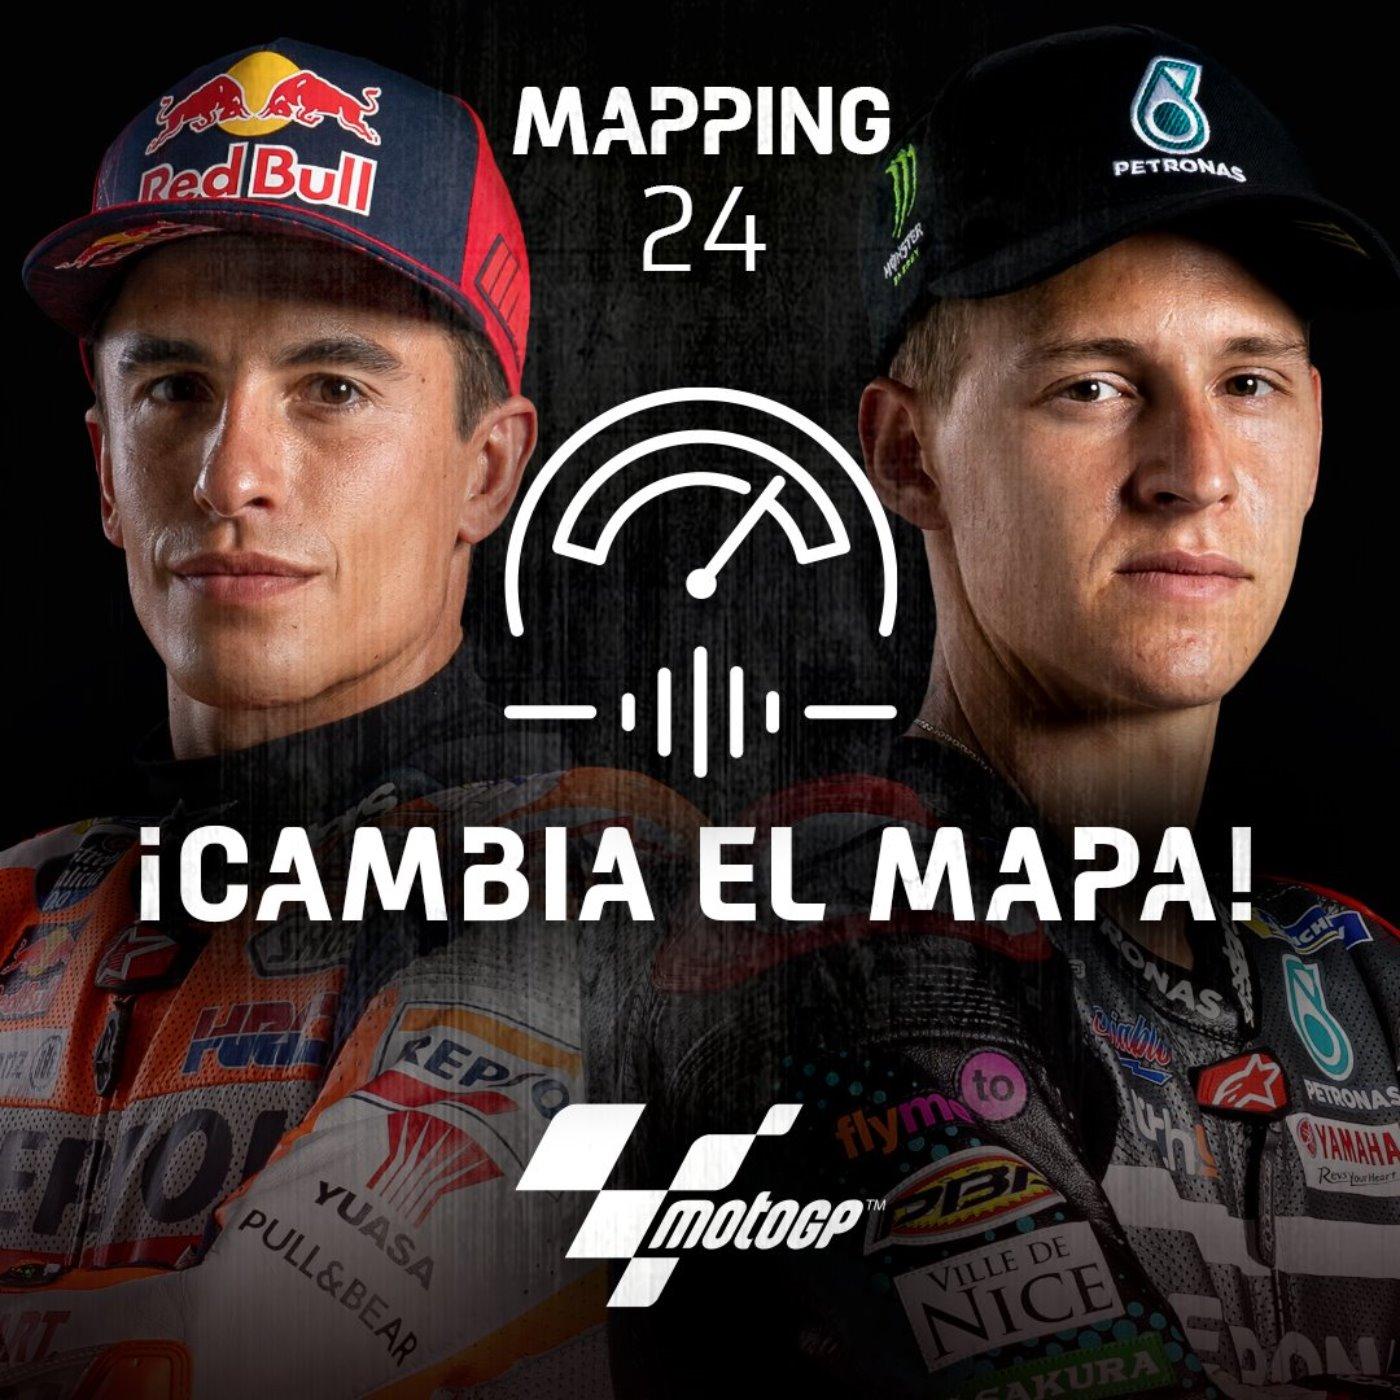 Mapping 24: Márquez - Quartararo, el duelo más esperado